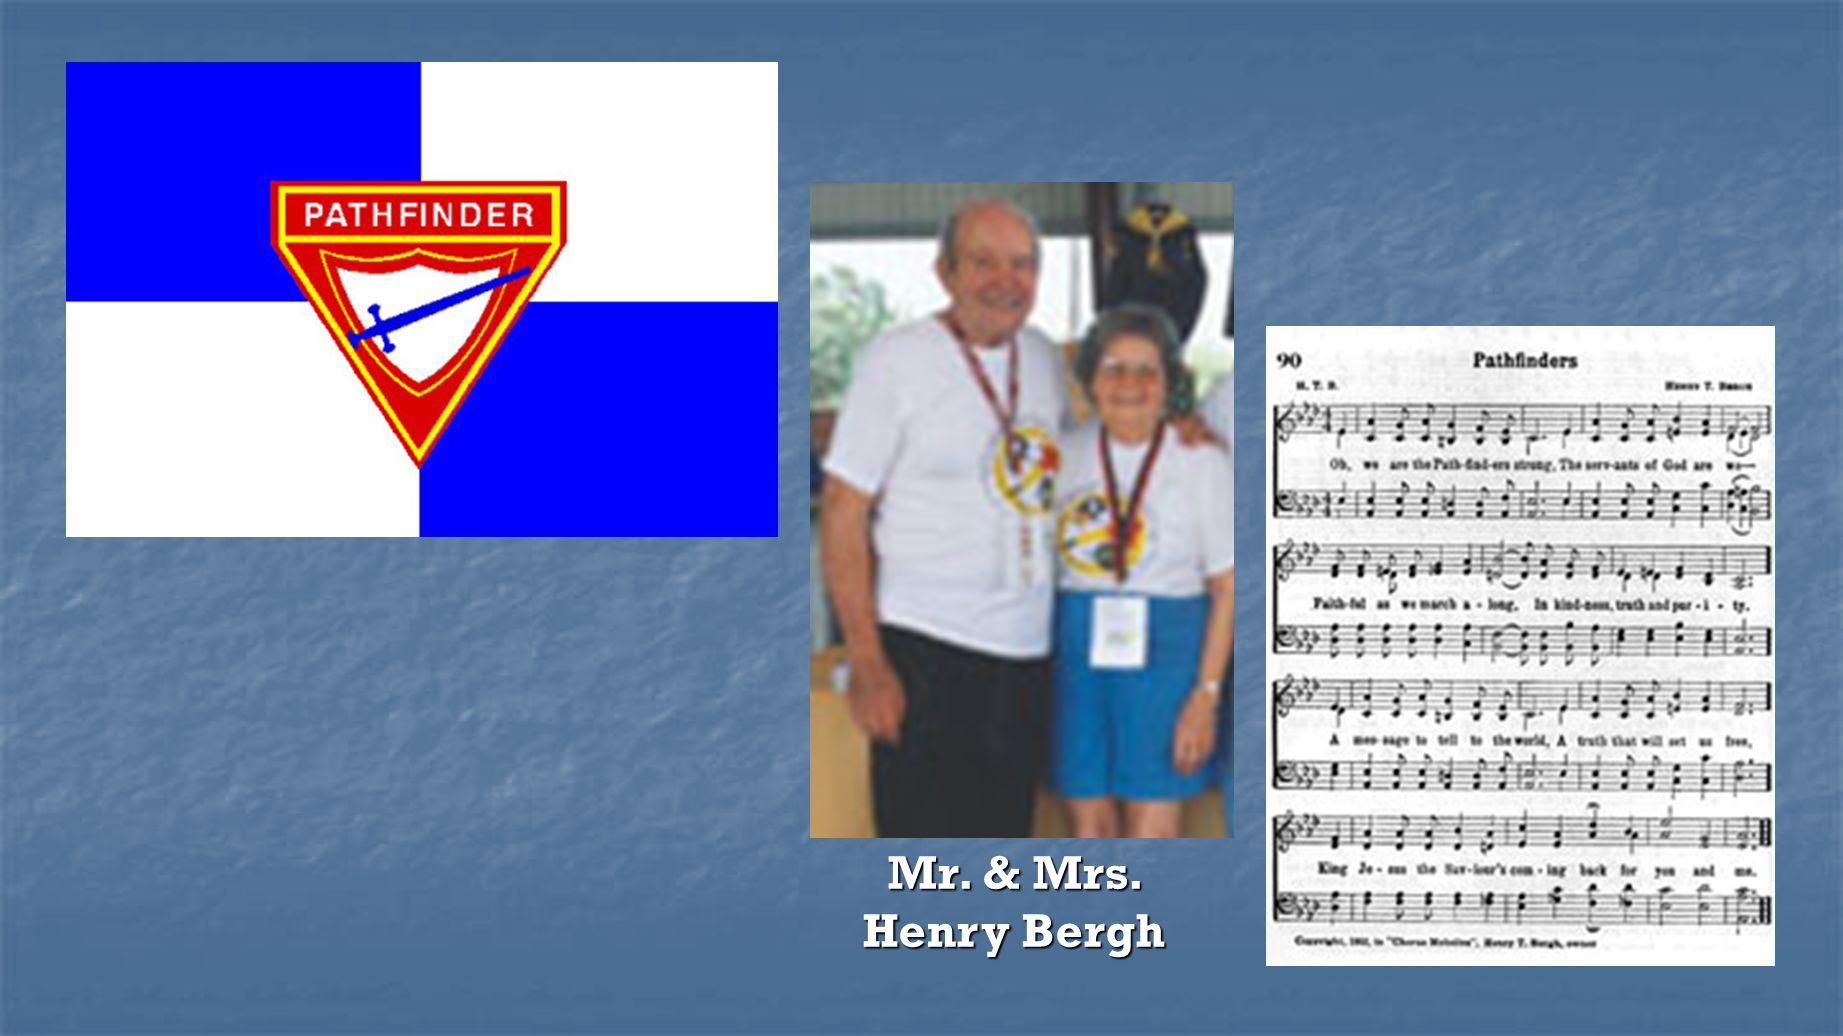 Mr. & Mrs. Henry Bergh